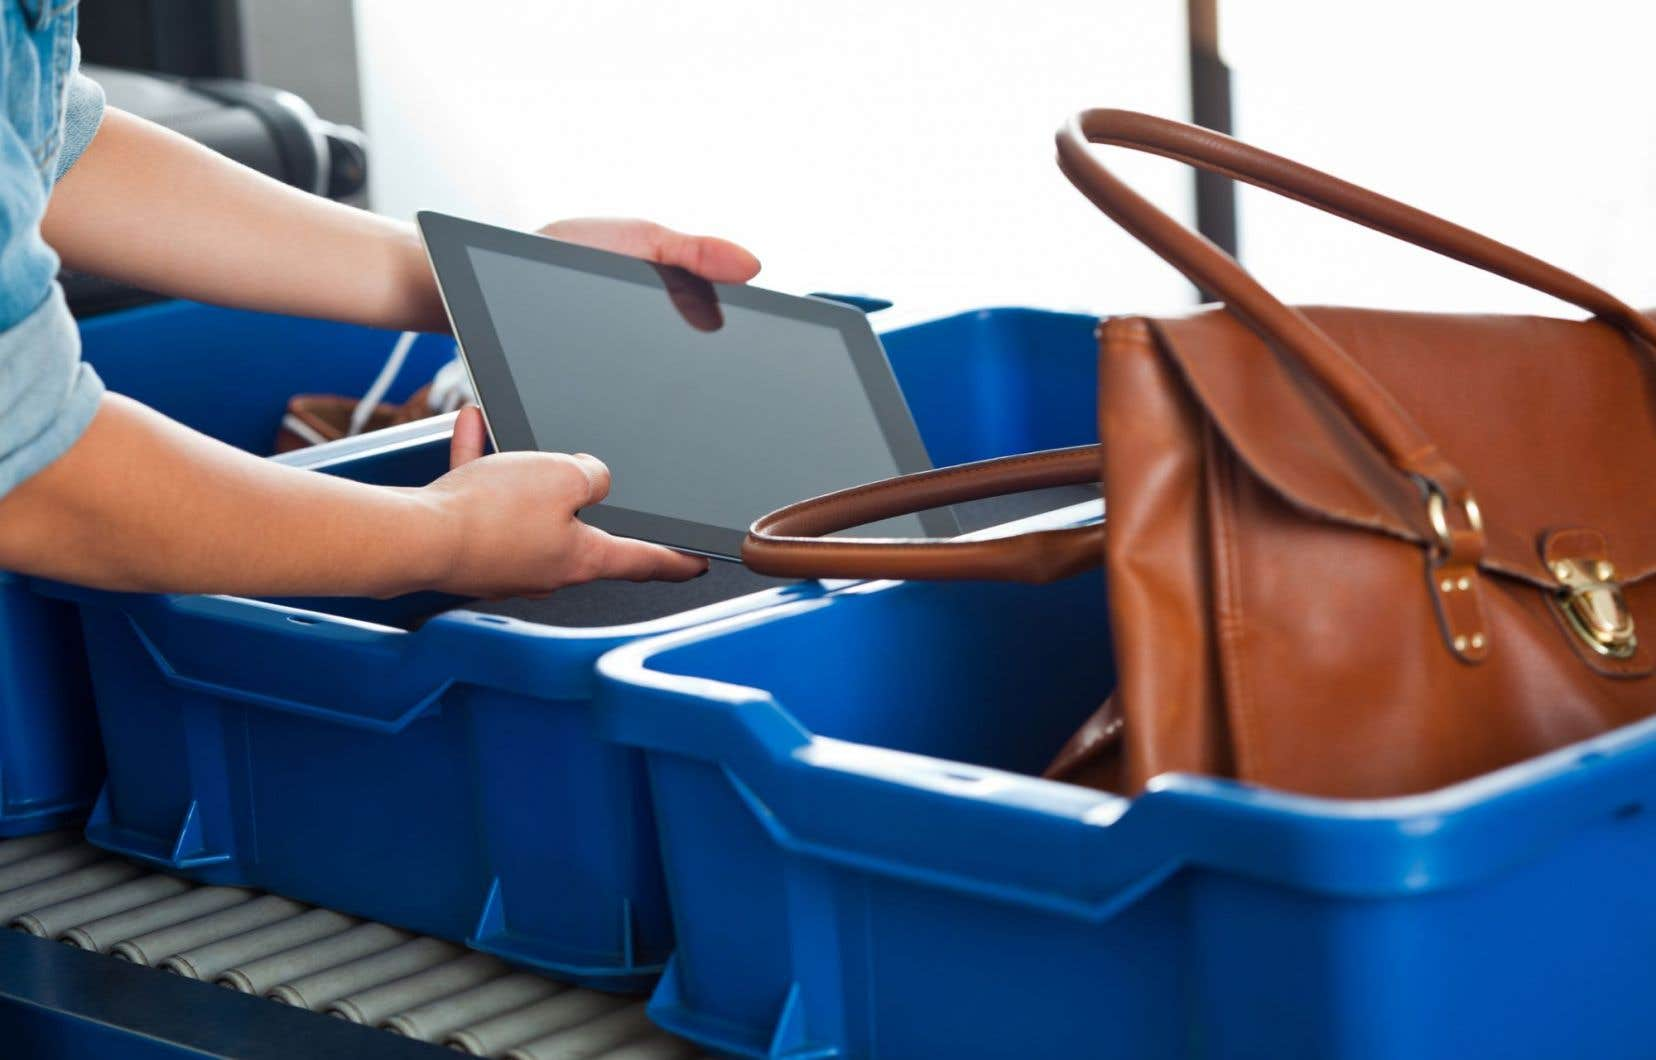 L'interdiction entre en vigueur au cours d'un week-end de pointe avec 1,1million de passagers attendus entre vendredi et dimanche.